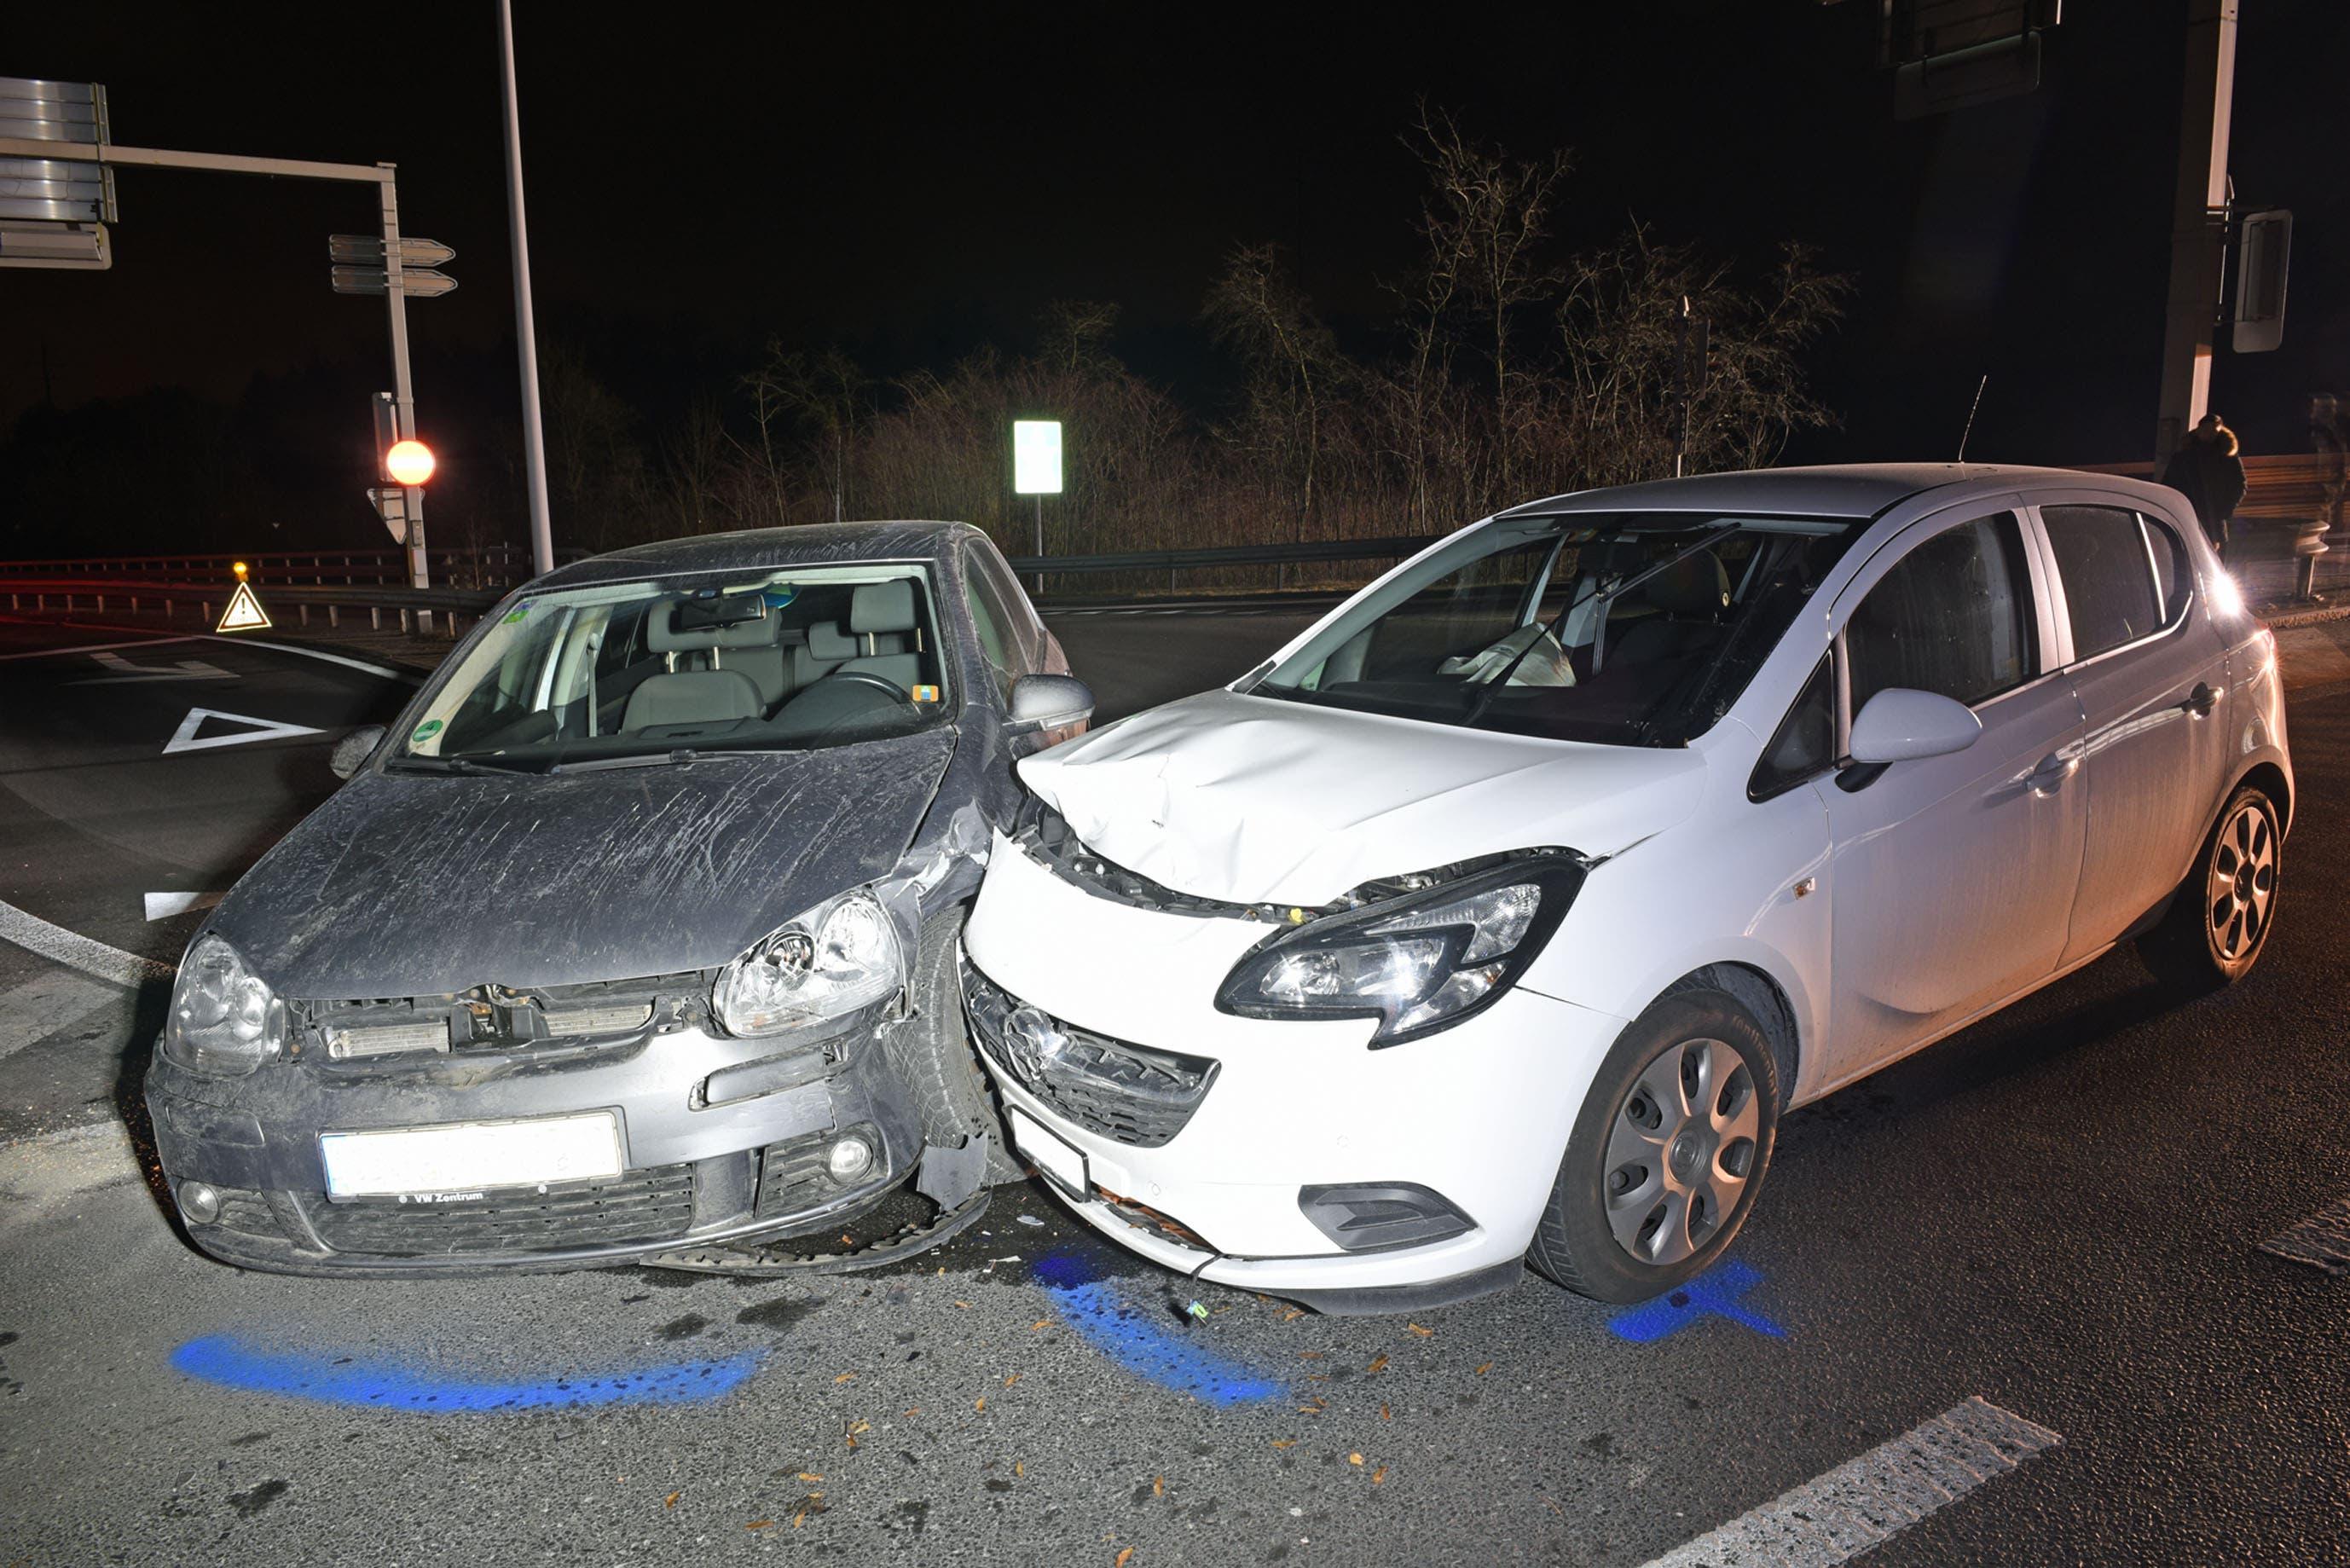 Ebikon - 31. Januar 2019Bei einer seitlich-frontalen Kollision bei der Autobahnausfahrt Emmen-Süd kamen beide Lenker mit dem Schrecken davon. Beim Unfall entstand ein Sachschaden in der Höhe von rund 25'000 Franken. (Bild: Luzerner Polizei)